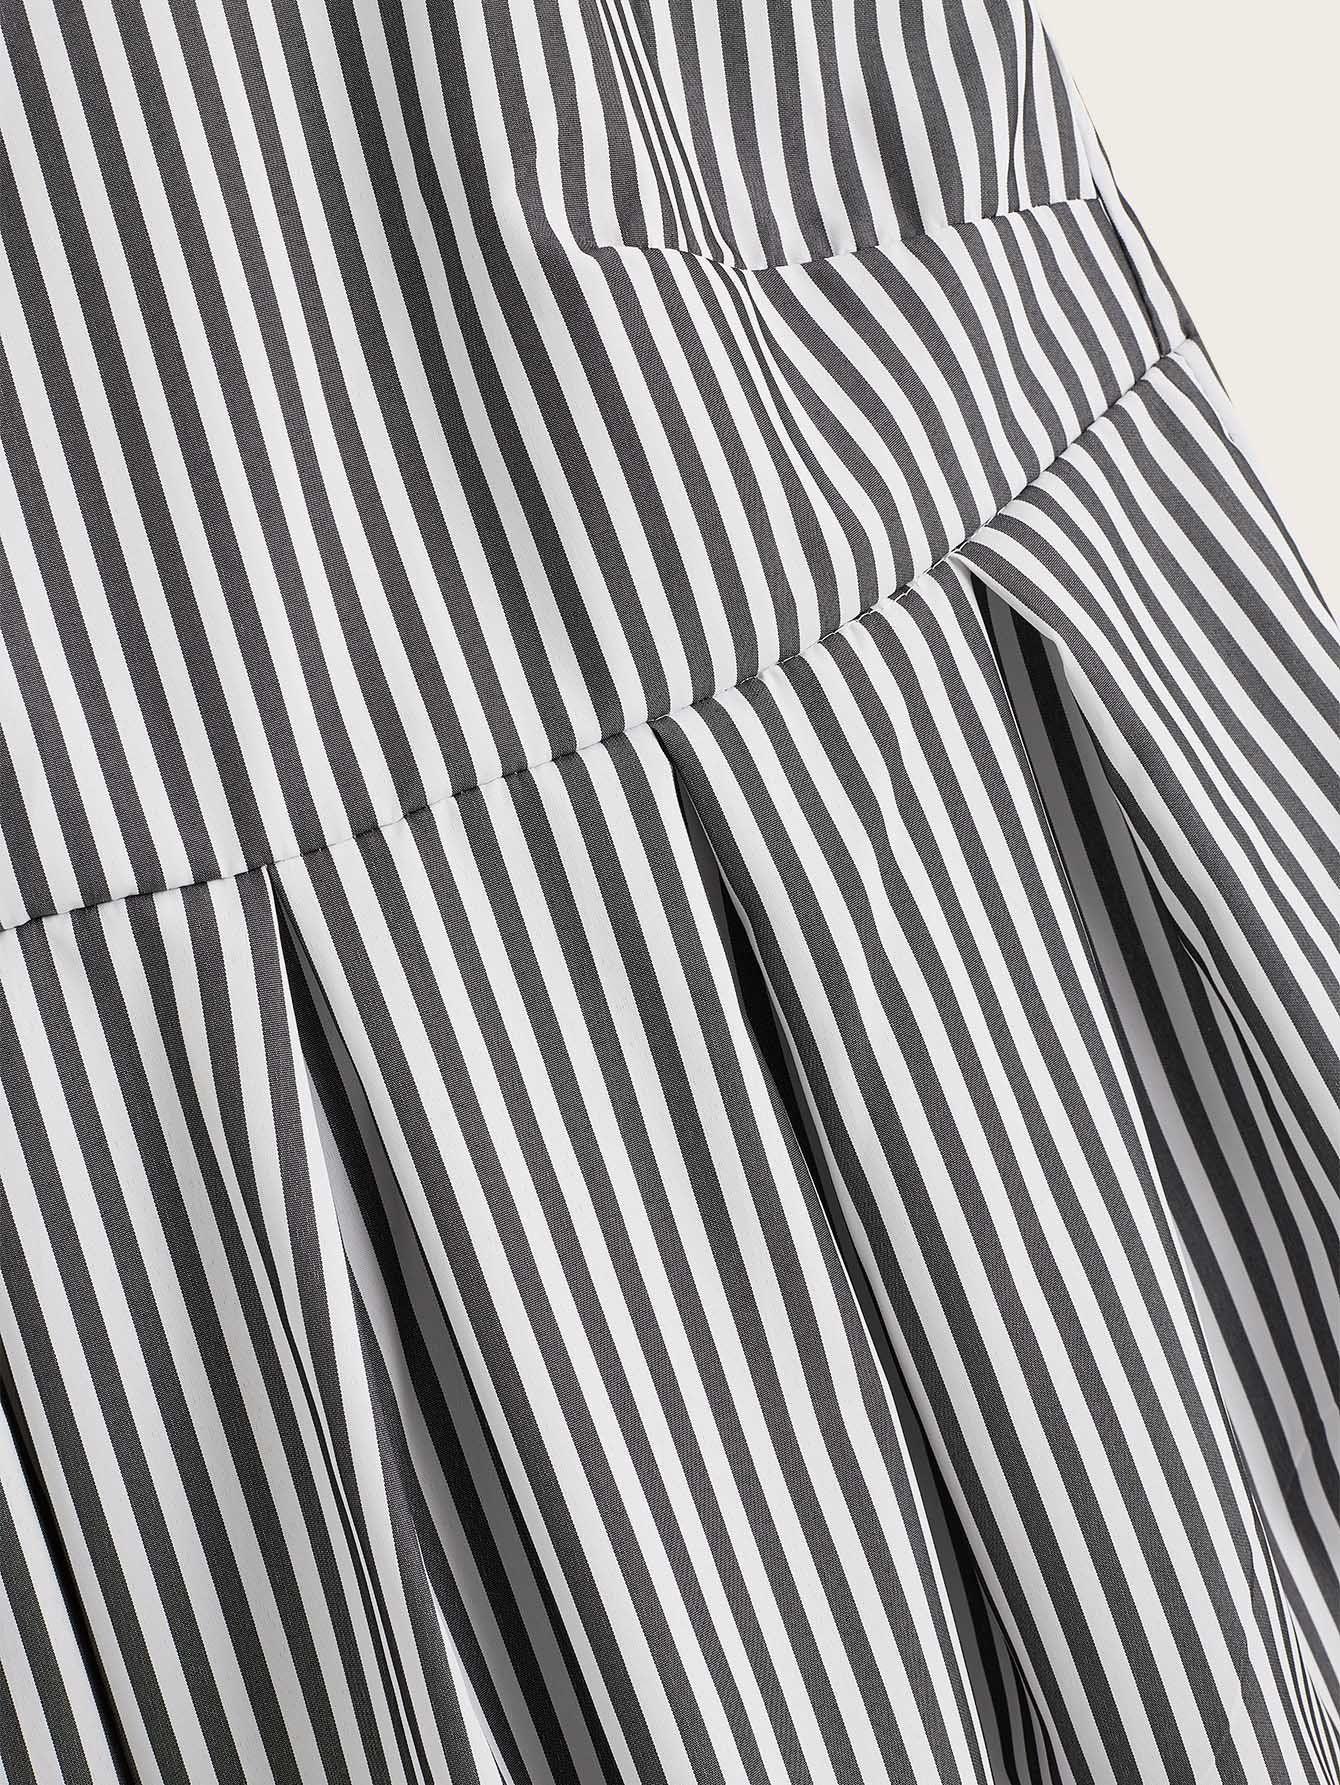 Plus Ruffle Hem Striped Cami Top #stripedcamitops Plus Ruffle Hem Striped Cami Top #stripedcamitops